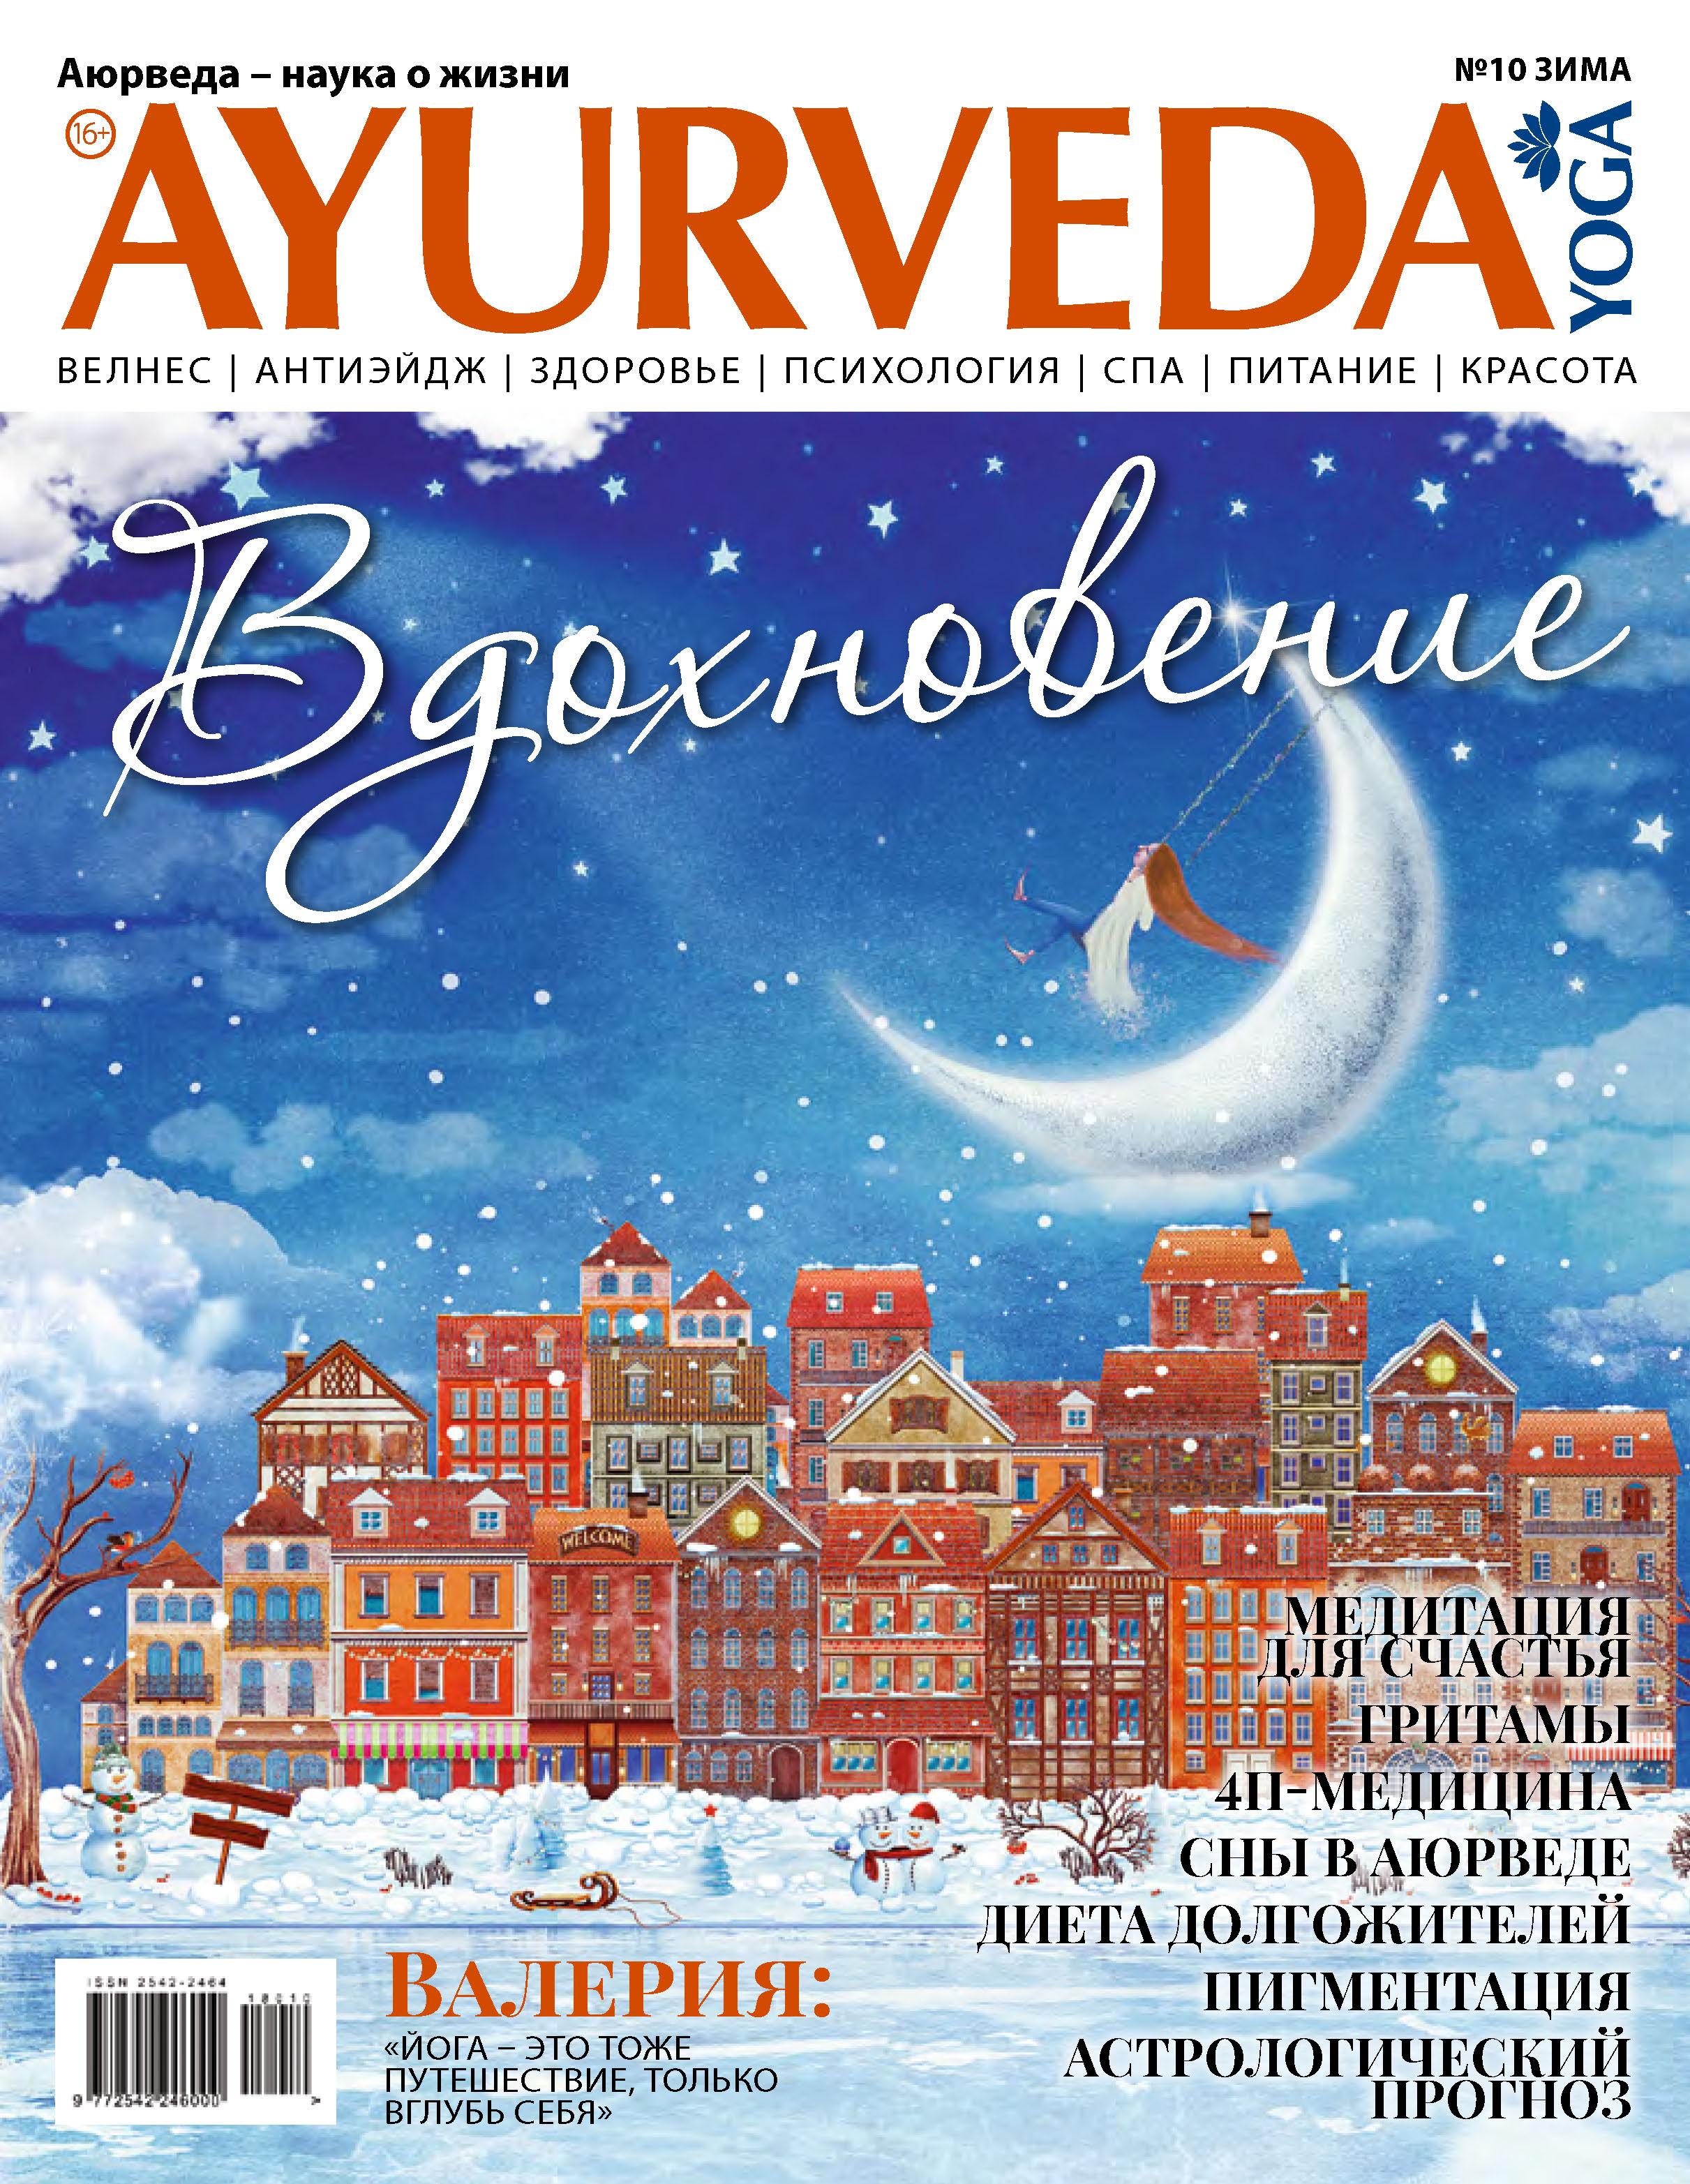 Ayurveda&Yoga №10 / зима 2018